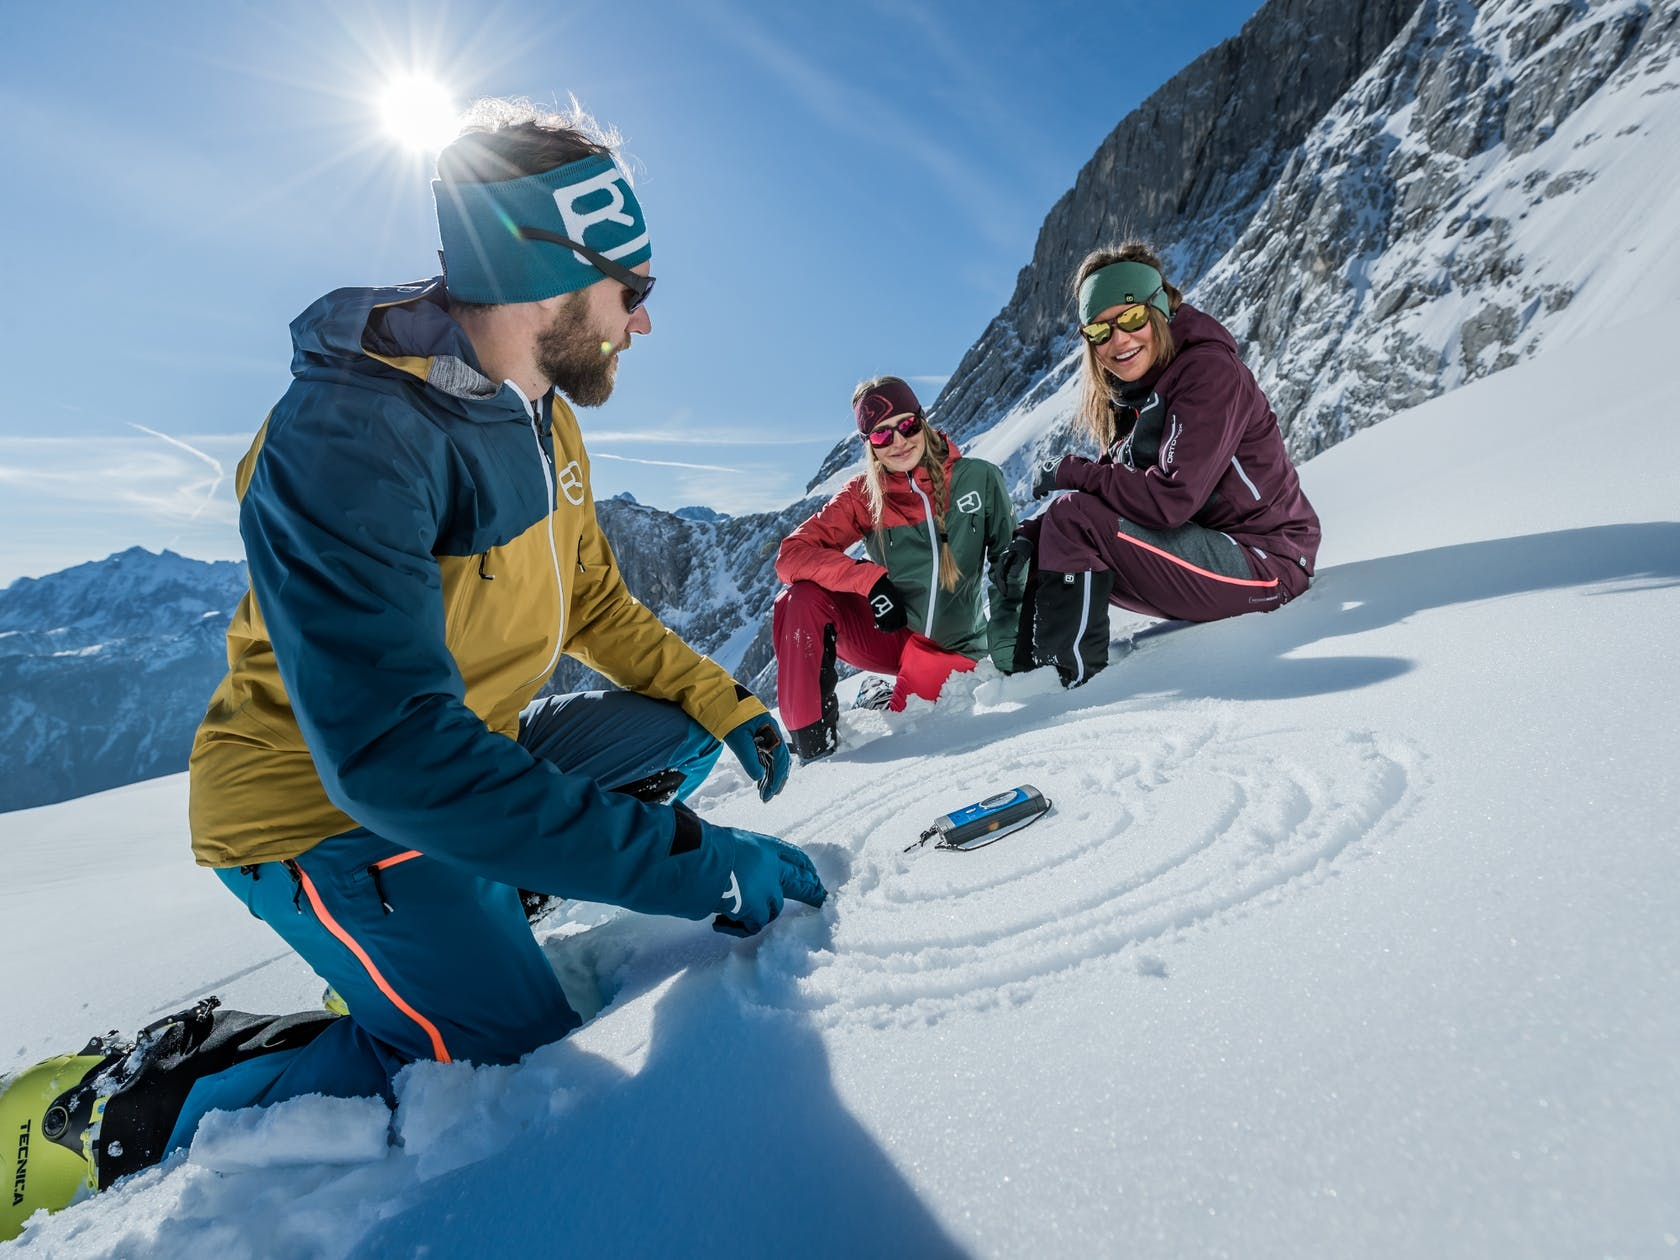 Ortovox sicurezza scialpinismo